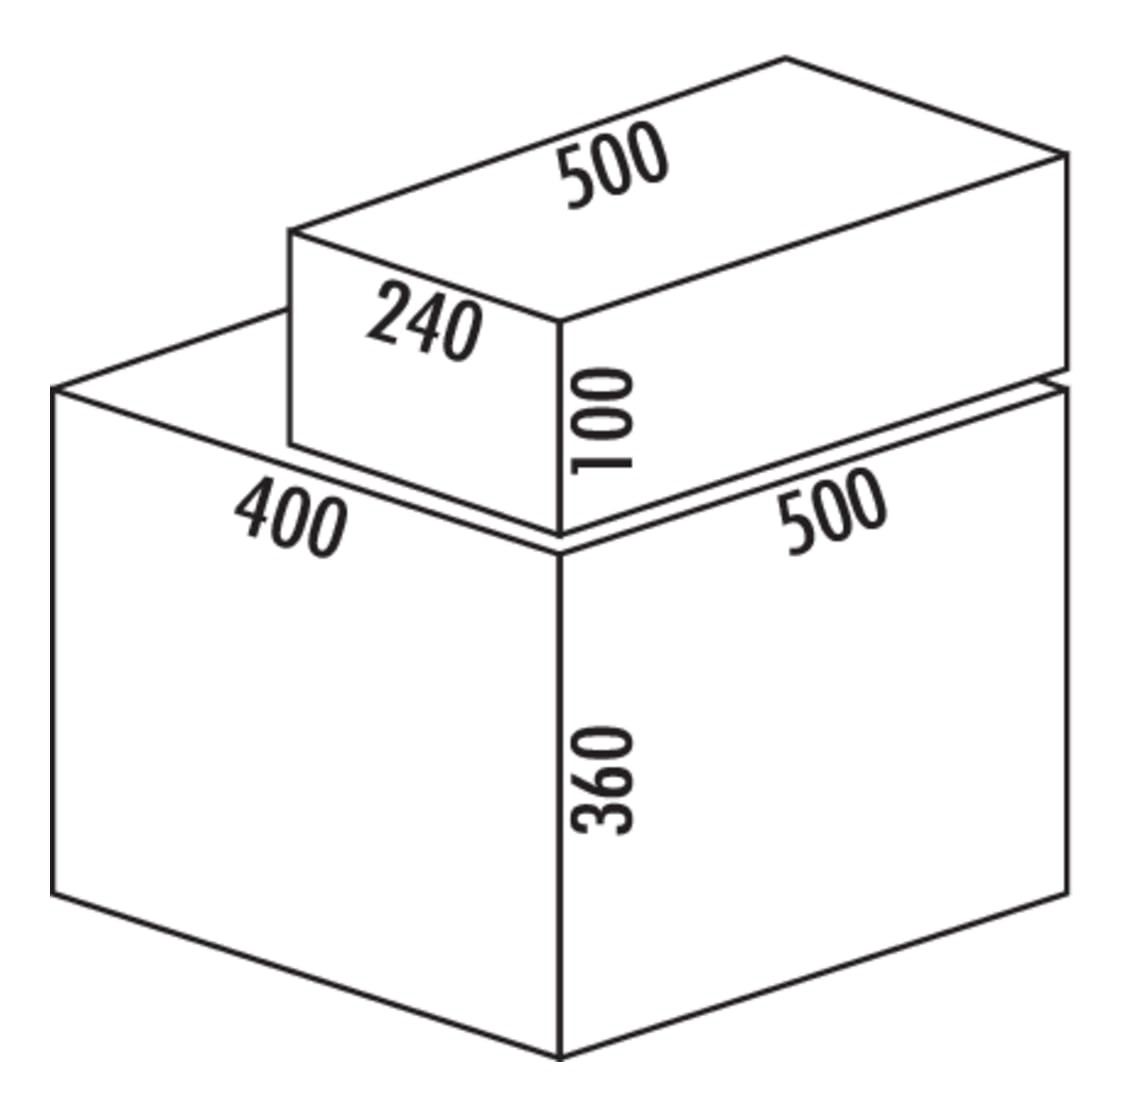 Coxィ Base 360 S/500-2 met Base-Board, Afvalverzamelsysteem voor Frontuittreksysteem., lichtgrijs, H 460 mm